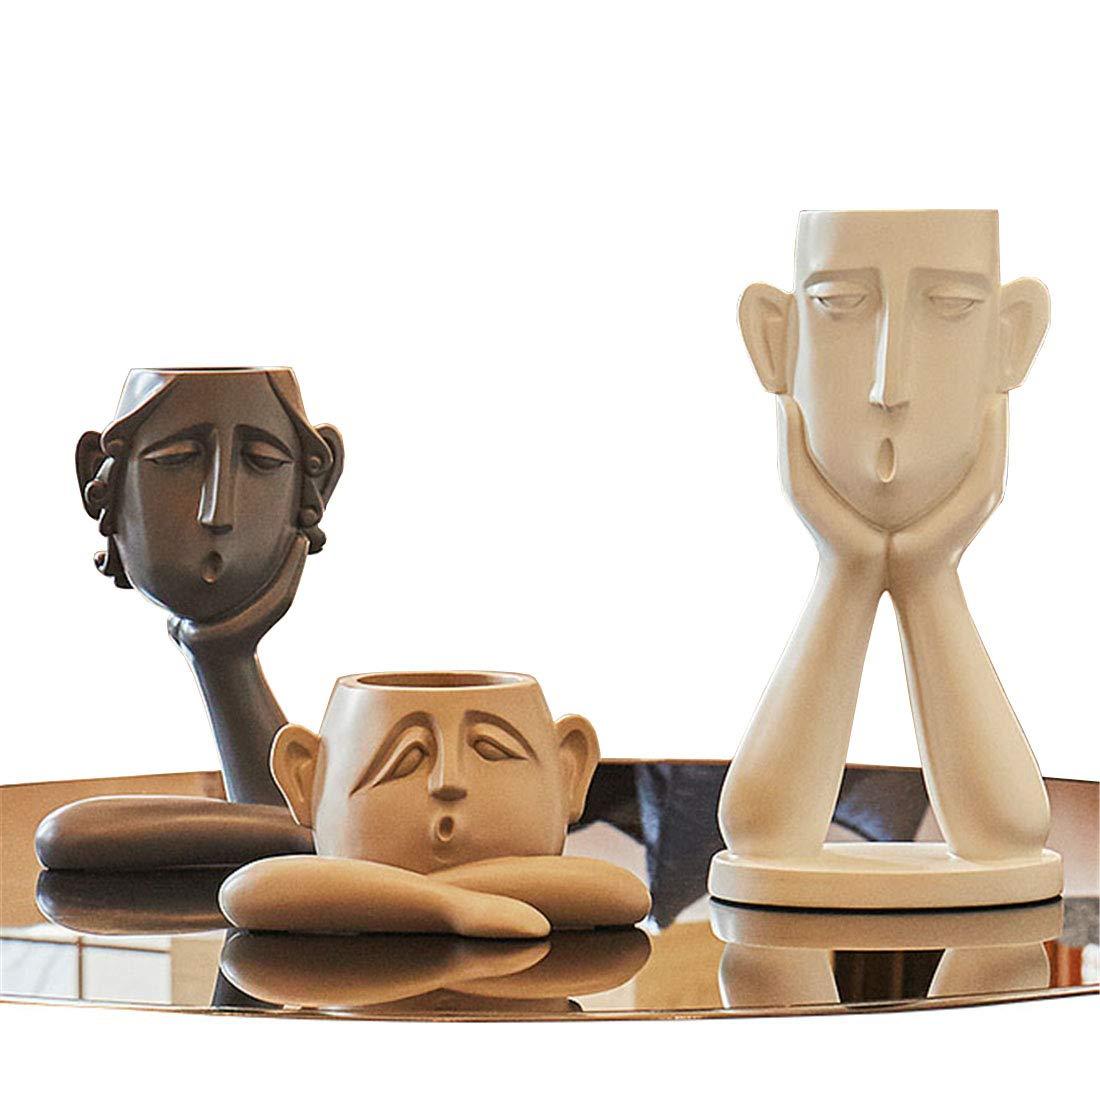 Moderne Keramik Skulptur Artwork Home Decoration Portrait Vase Set - Kreative Figuren Schreibtisch Ornamente Statue Wohnzimmer Café Bar Decor Mann Frau Kinder Geschenke